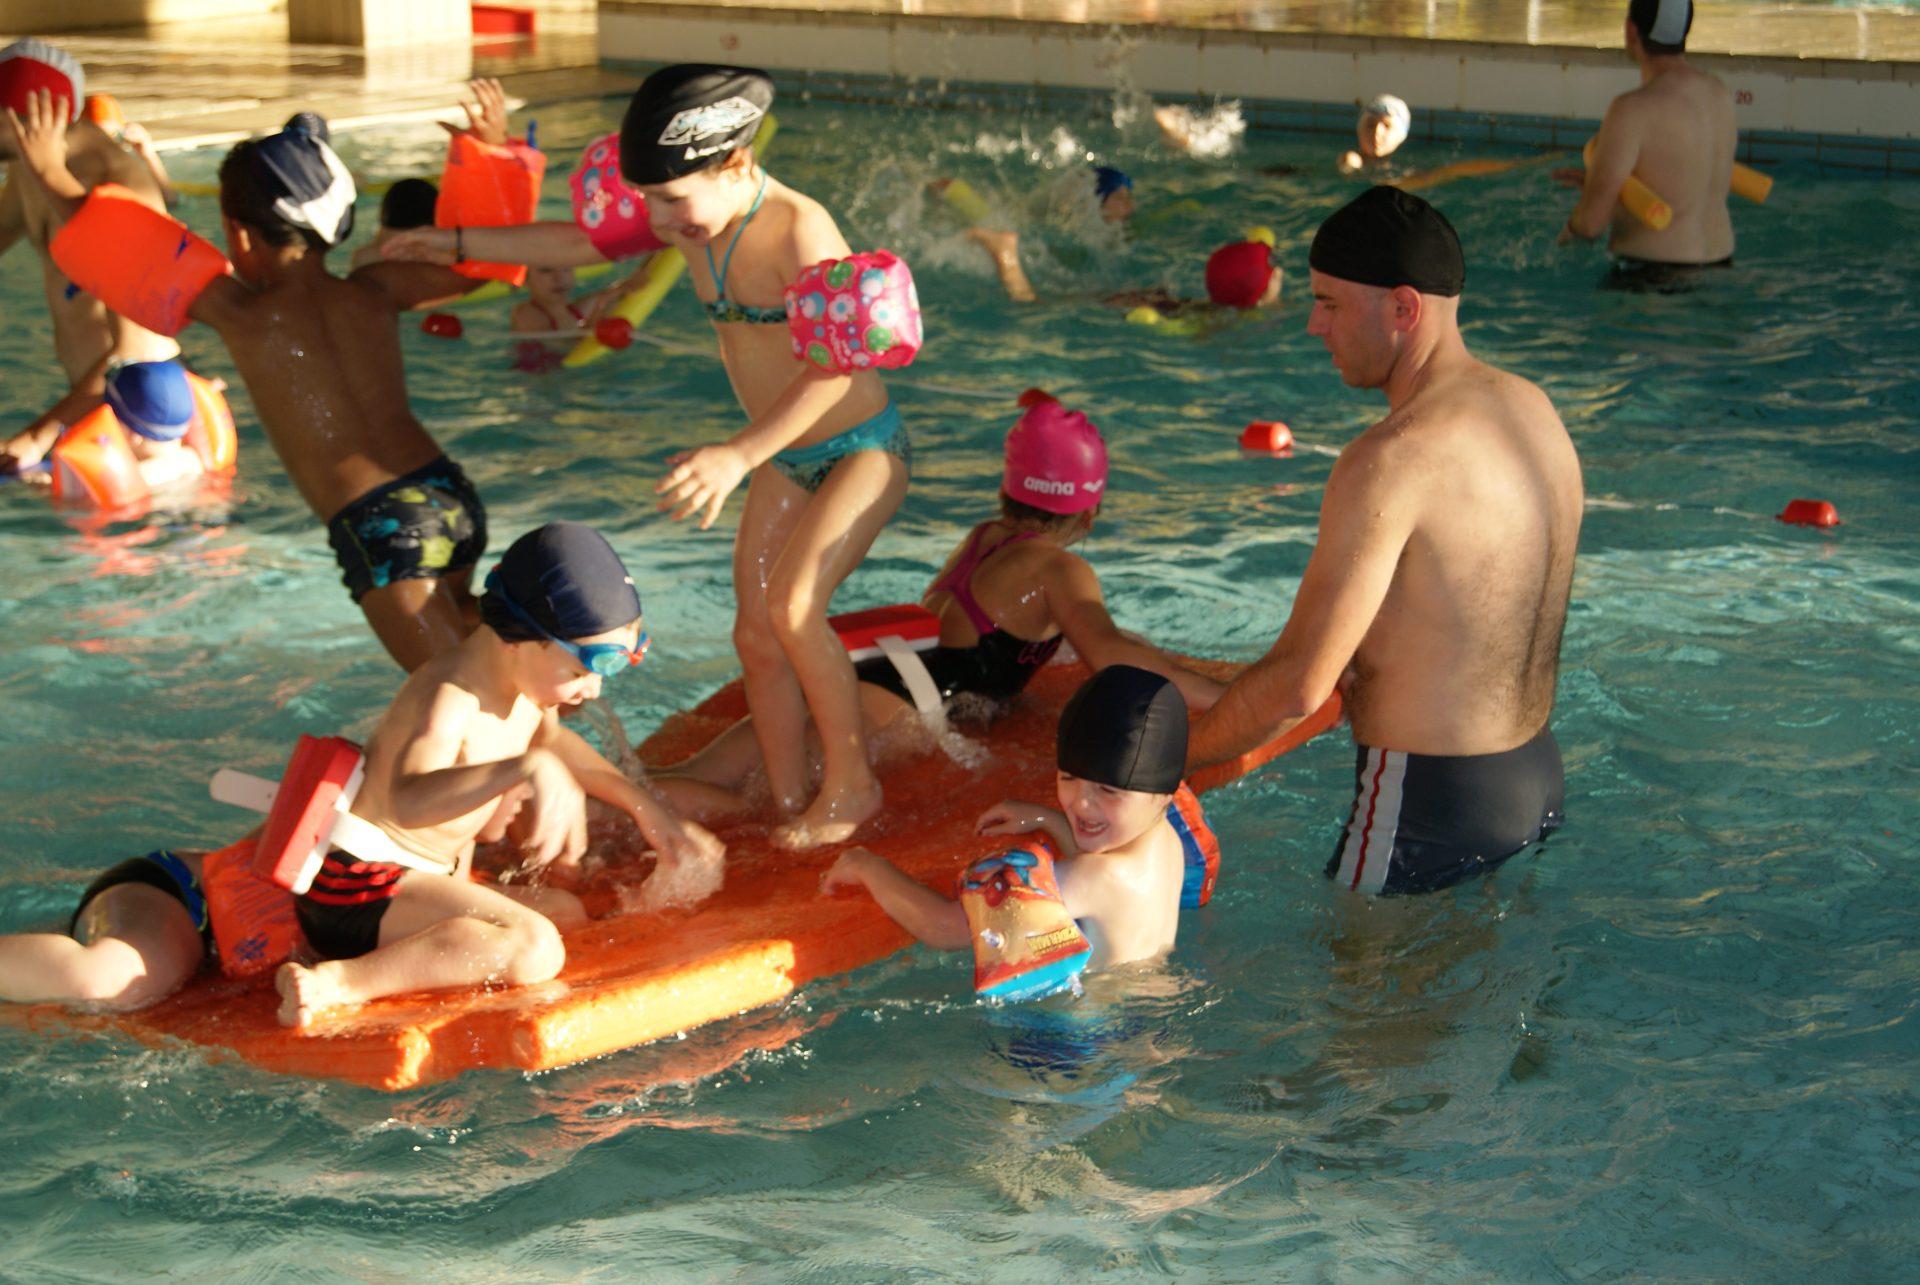 Exceptionnel LES G.S à la piscine ! - École Sainte-Thérèse KI98